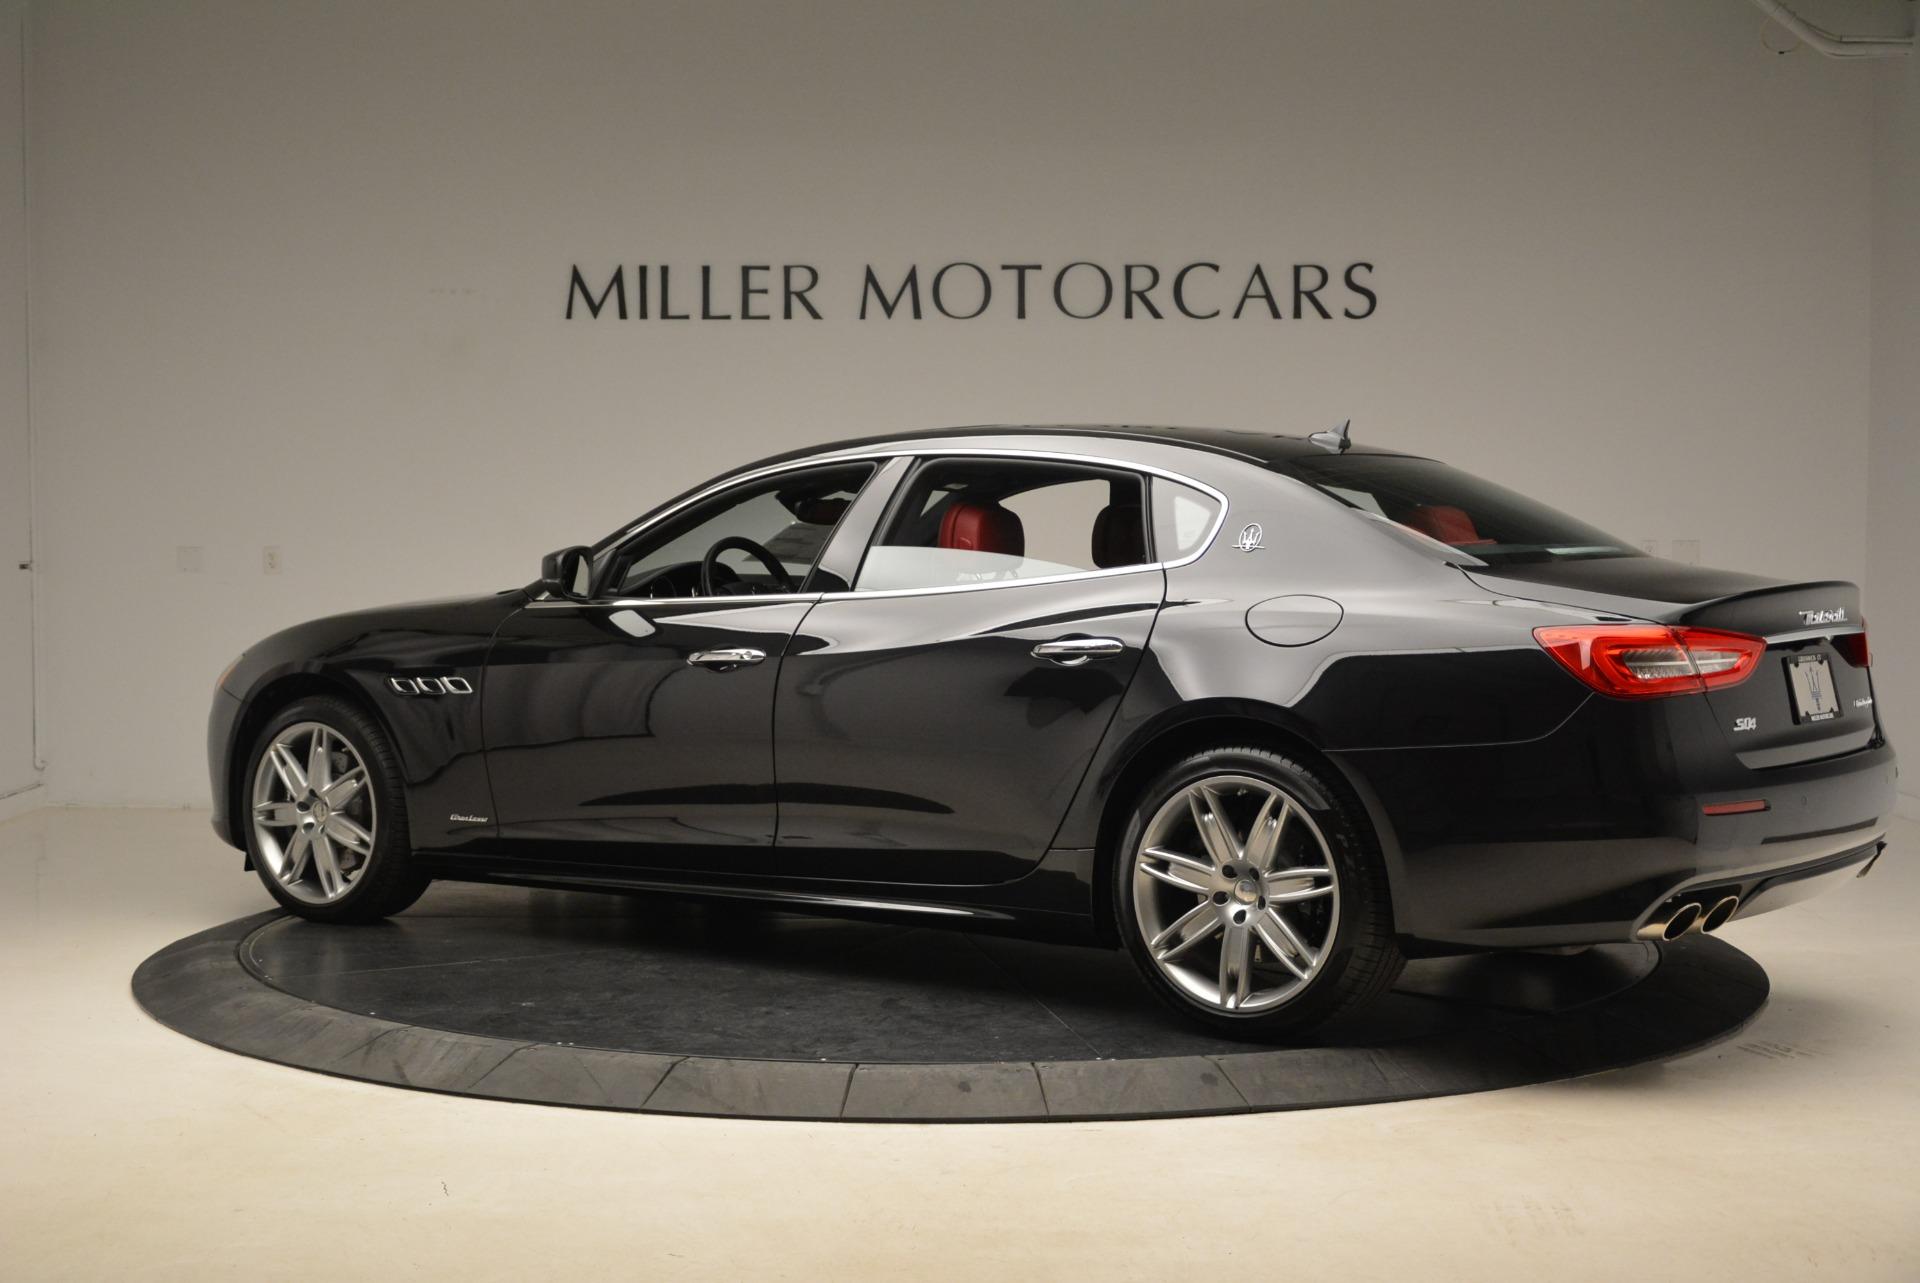 New 2018 Maserati Quattroporte S Q4 GranLusso For Sale In Westport, CT 2390_p4